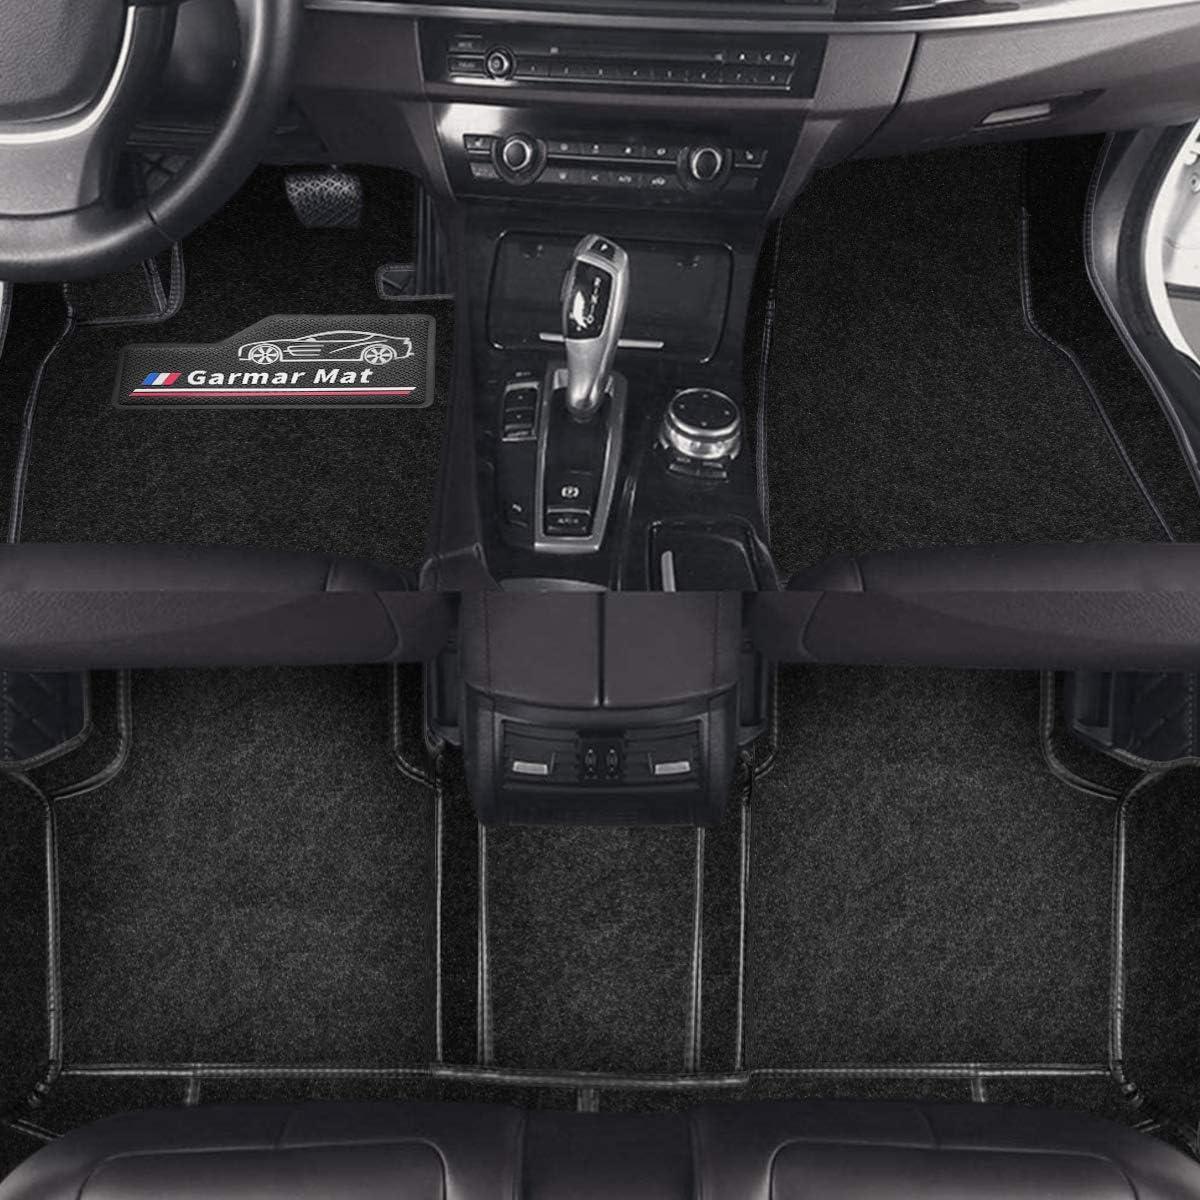 Garmar Floor Mats for Chrysler 300,All Weather Custom Full Set Fit Front /& Rear 2 Rows Carpets Car Floor Cargo Liner for 6th Generation 2016-2020 Chrysler 300,Chrysler 300 Mats